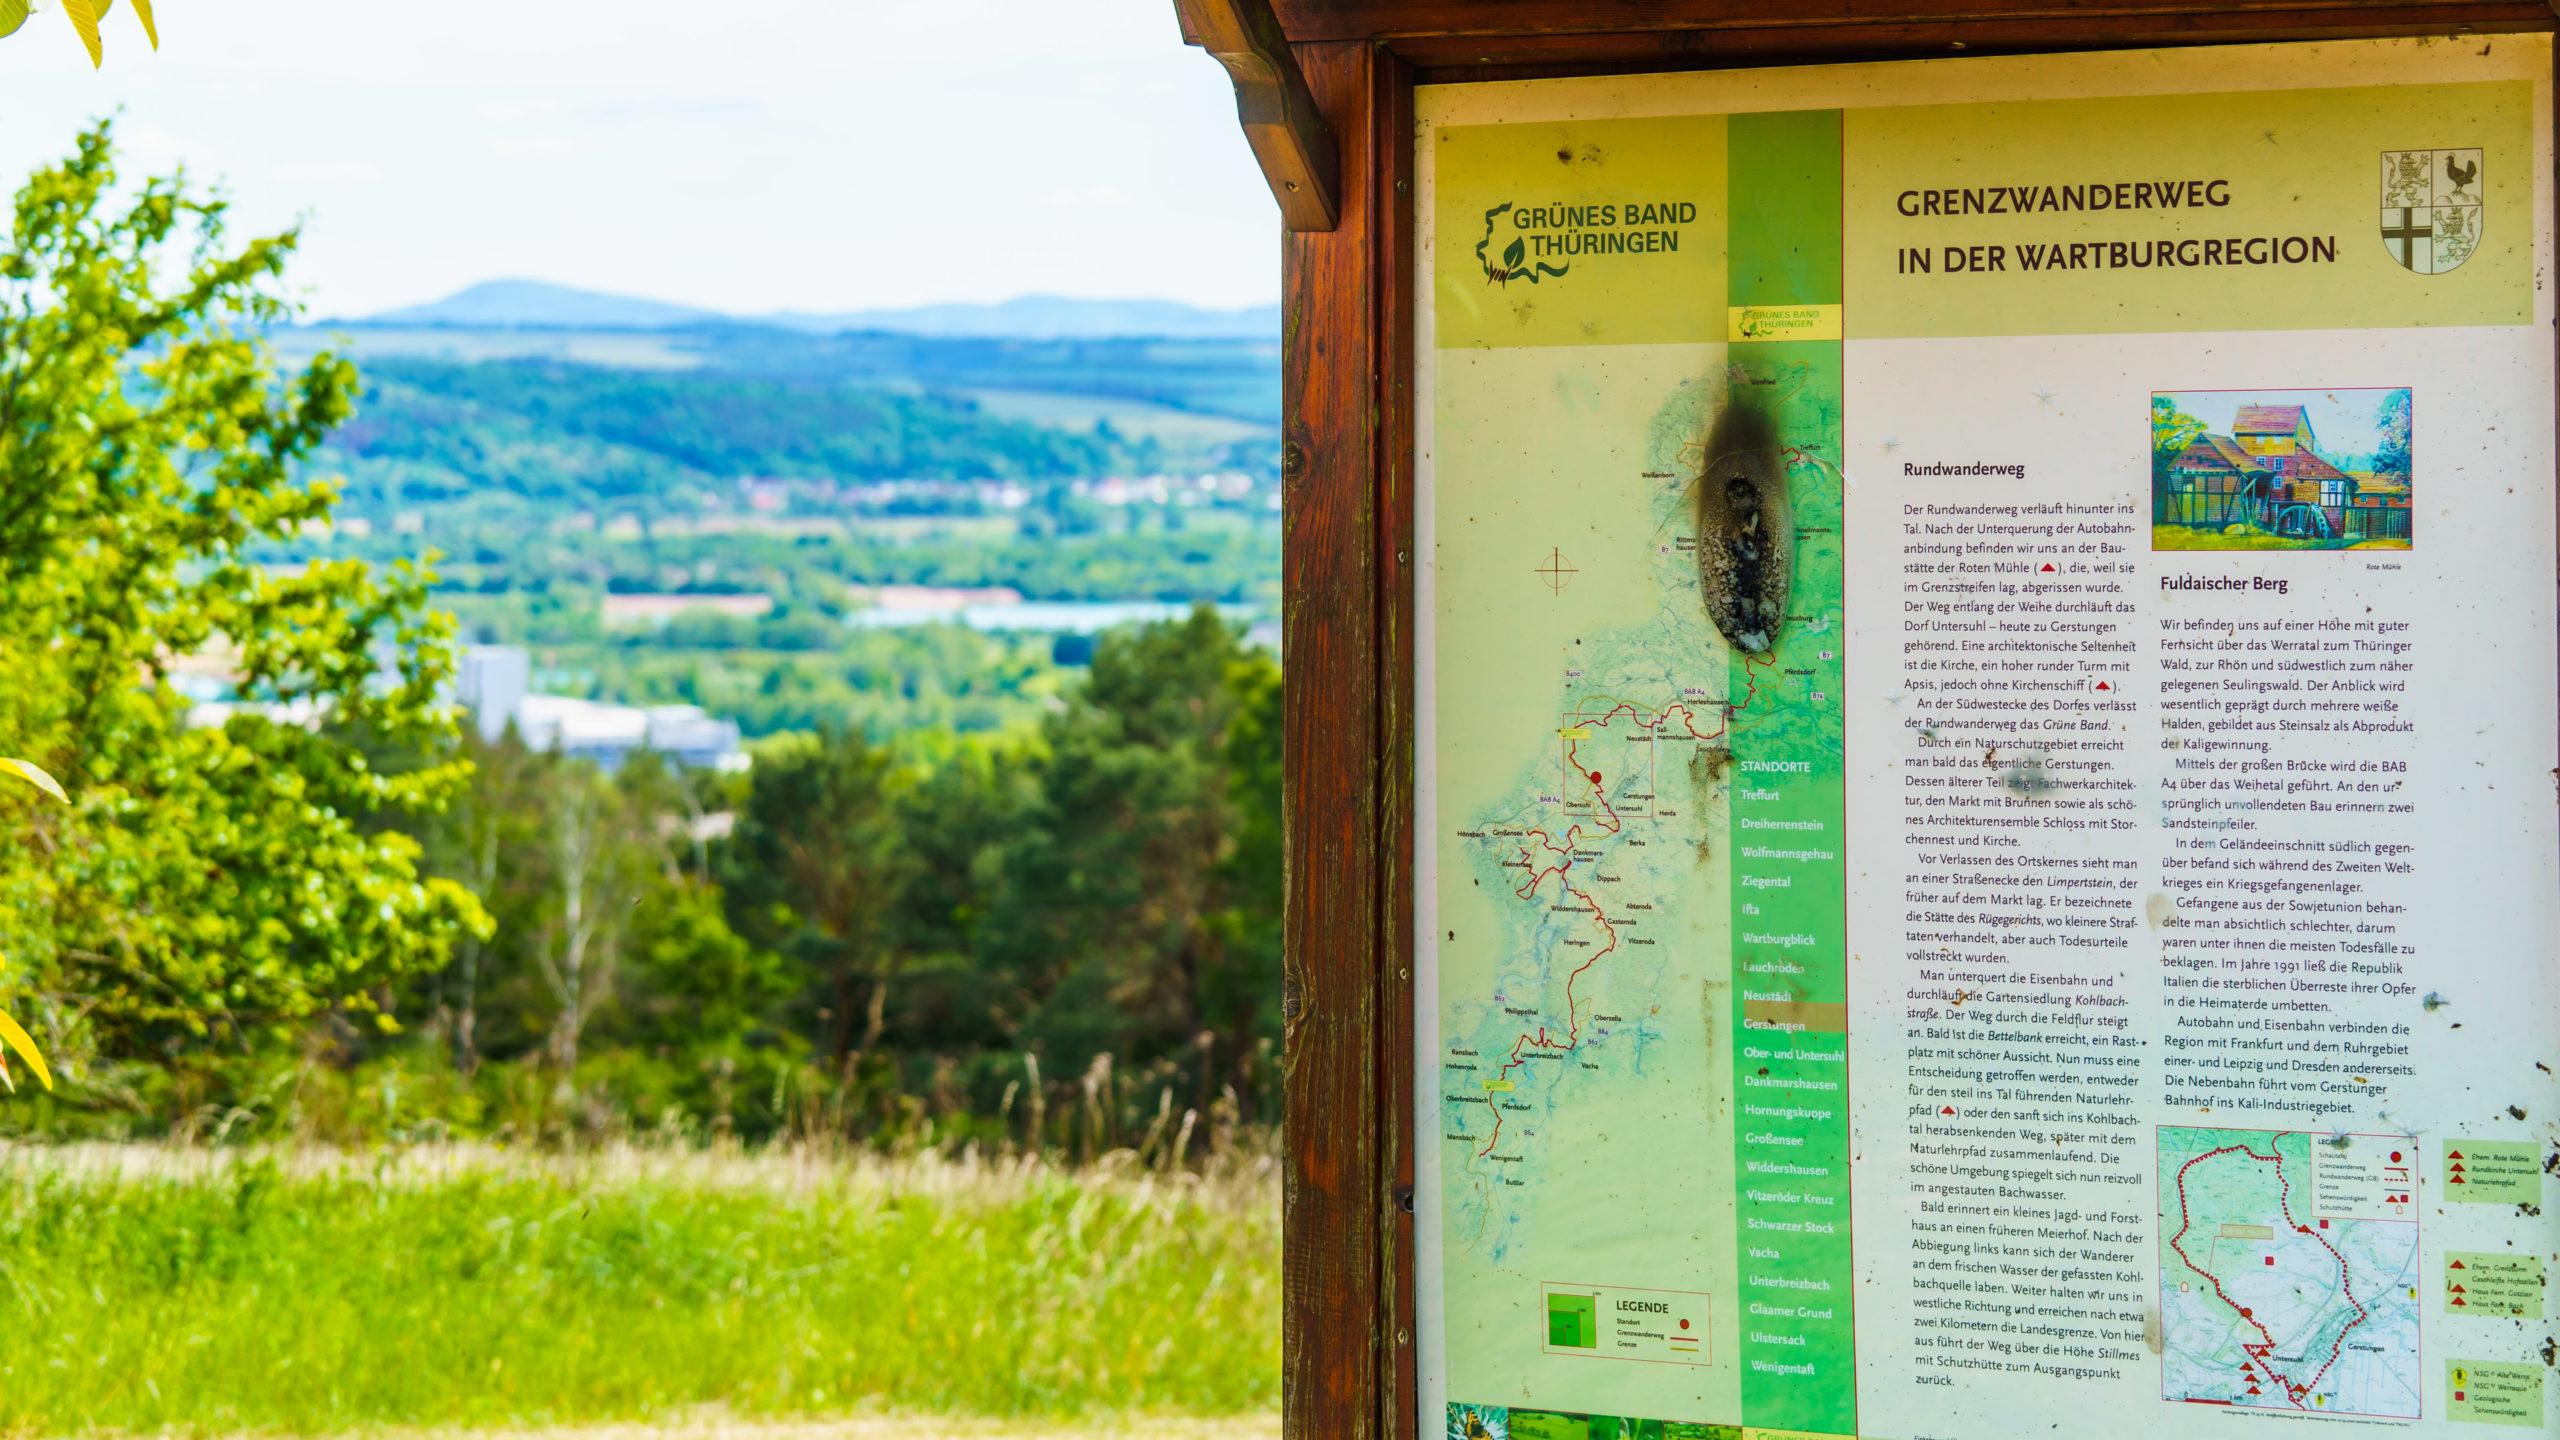 Grenzweg Gerstunger Forst, Fuldaischer Berg oberhalb Richelsdorfer Tal bei Untersuhl mit Informationspunkt